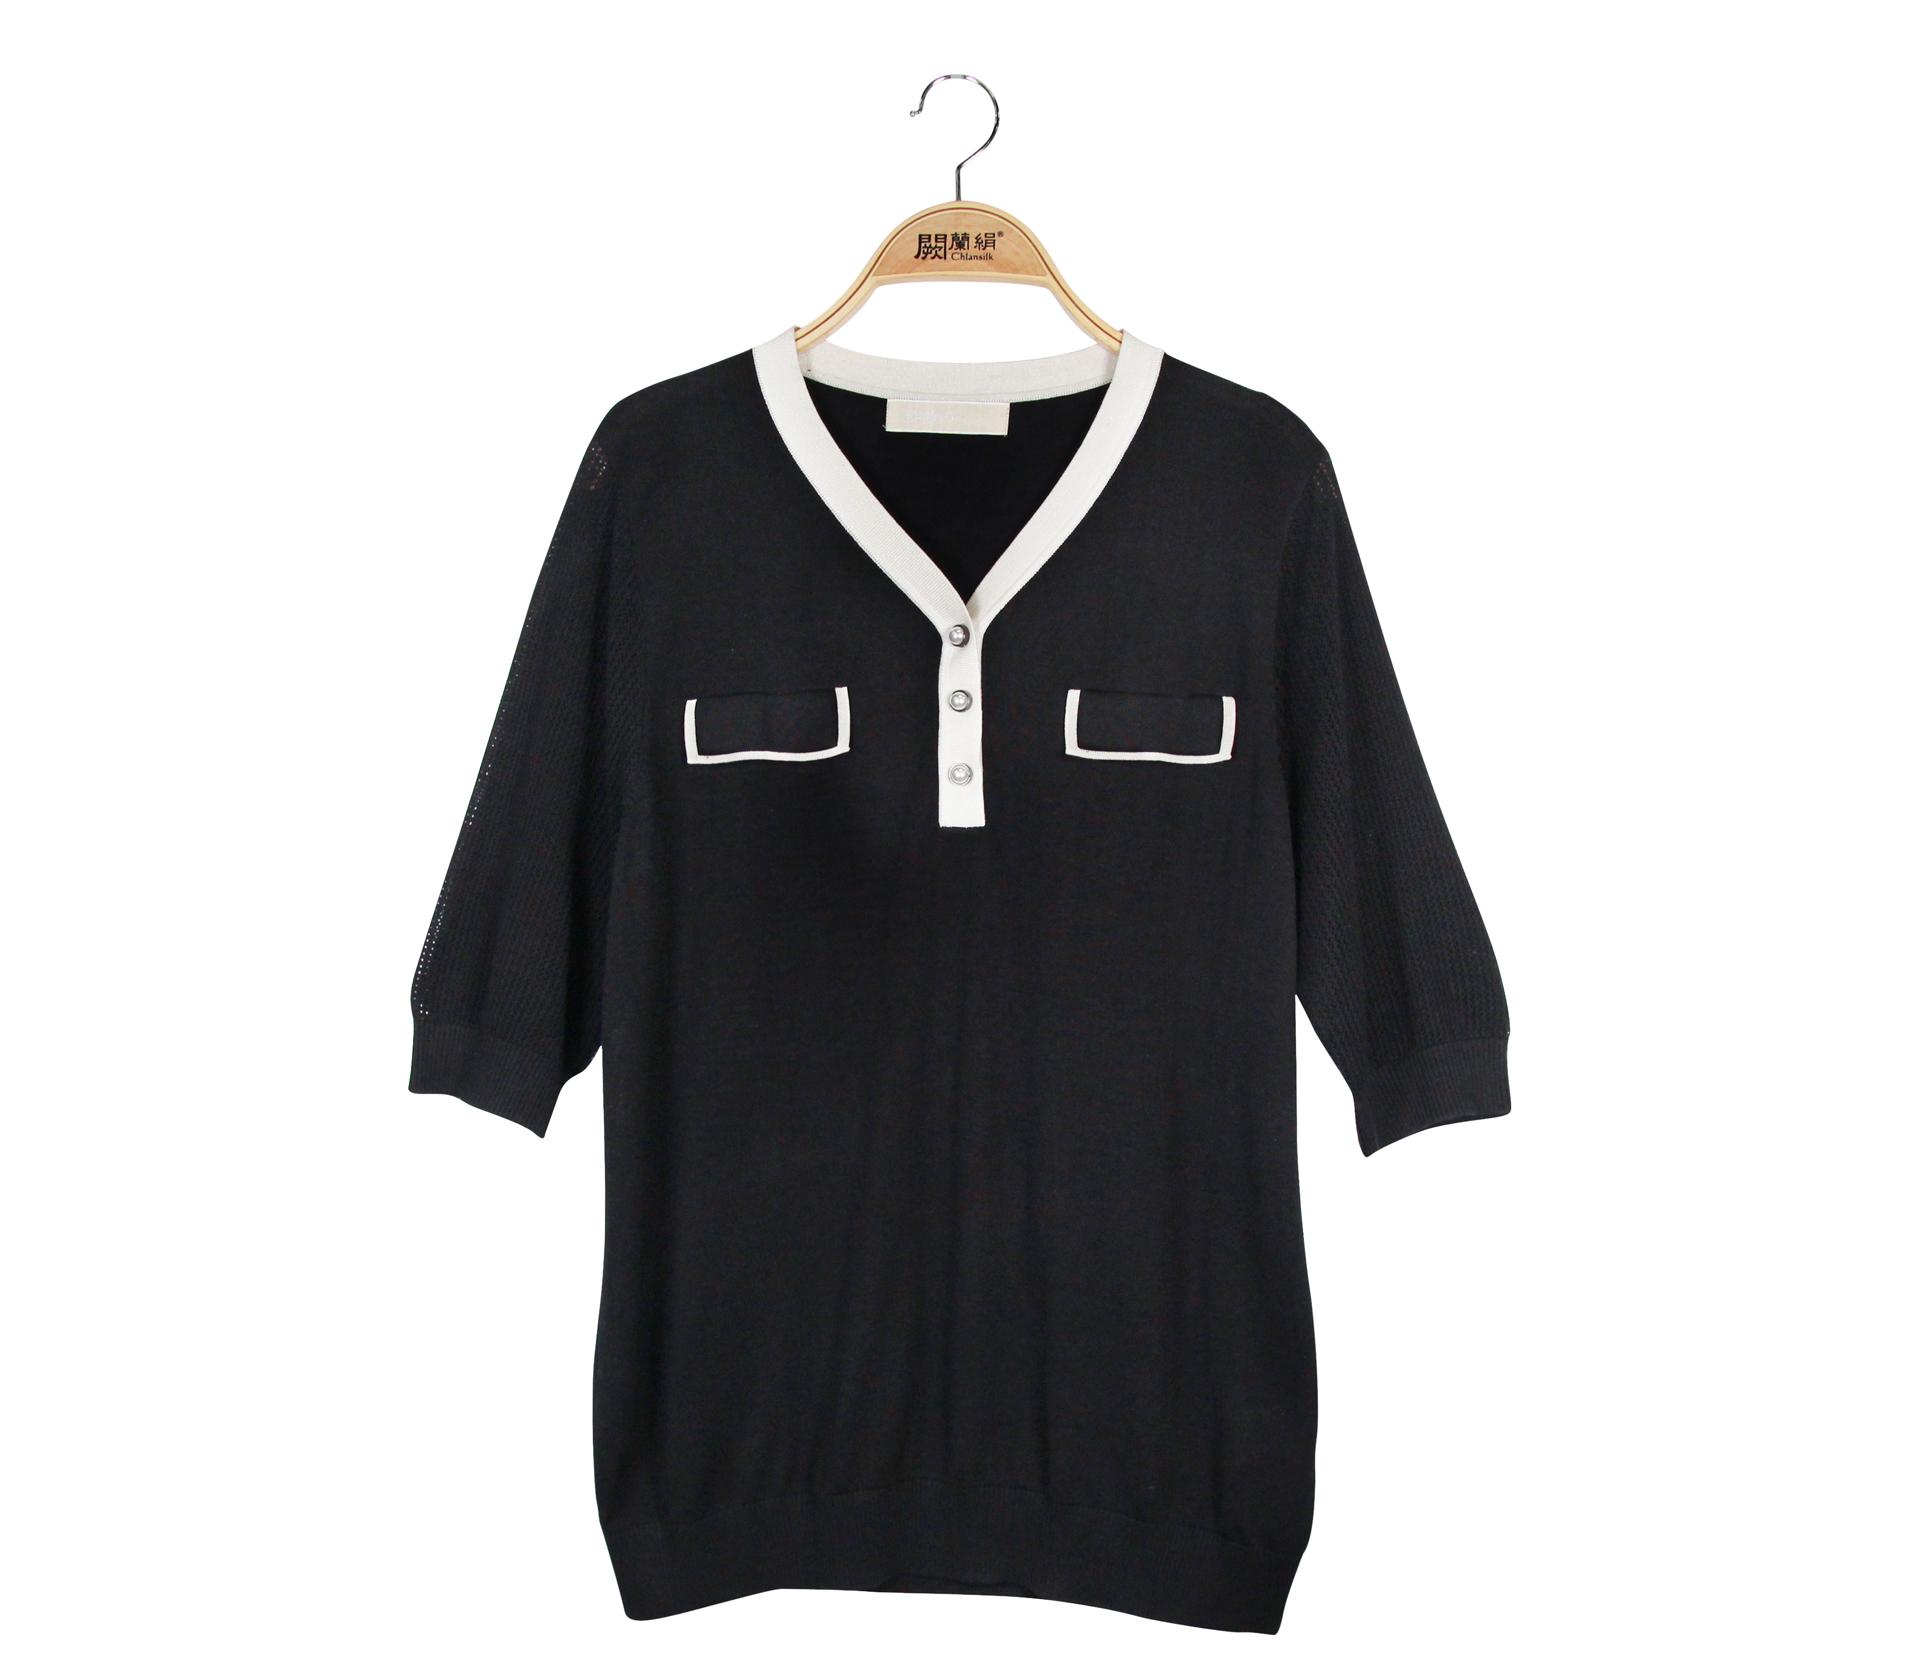 闕蘭絹經典配色蠶絲針織短袖上衣 - 黑色 - 6649